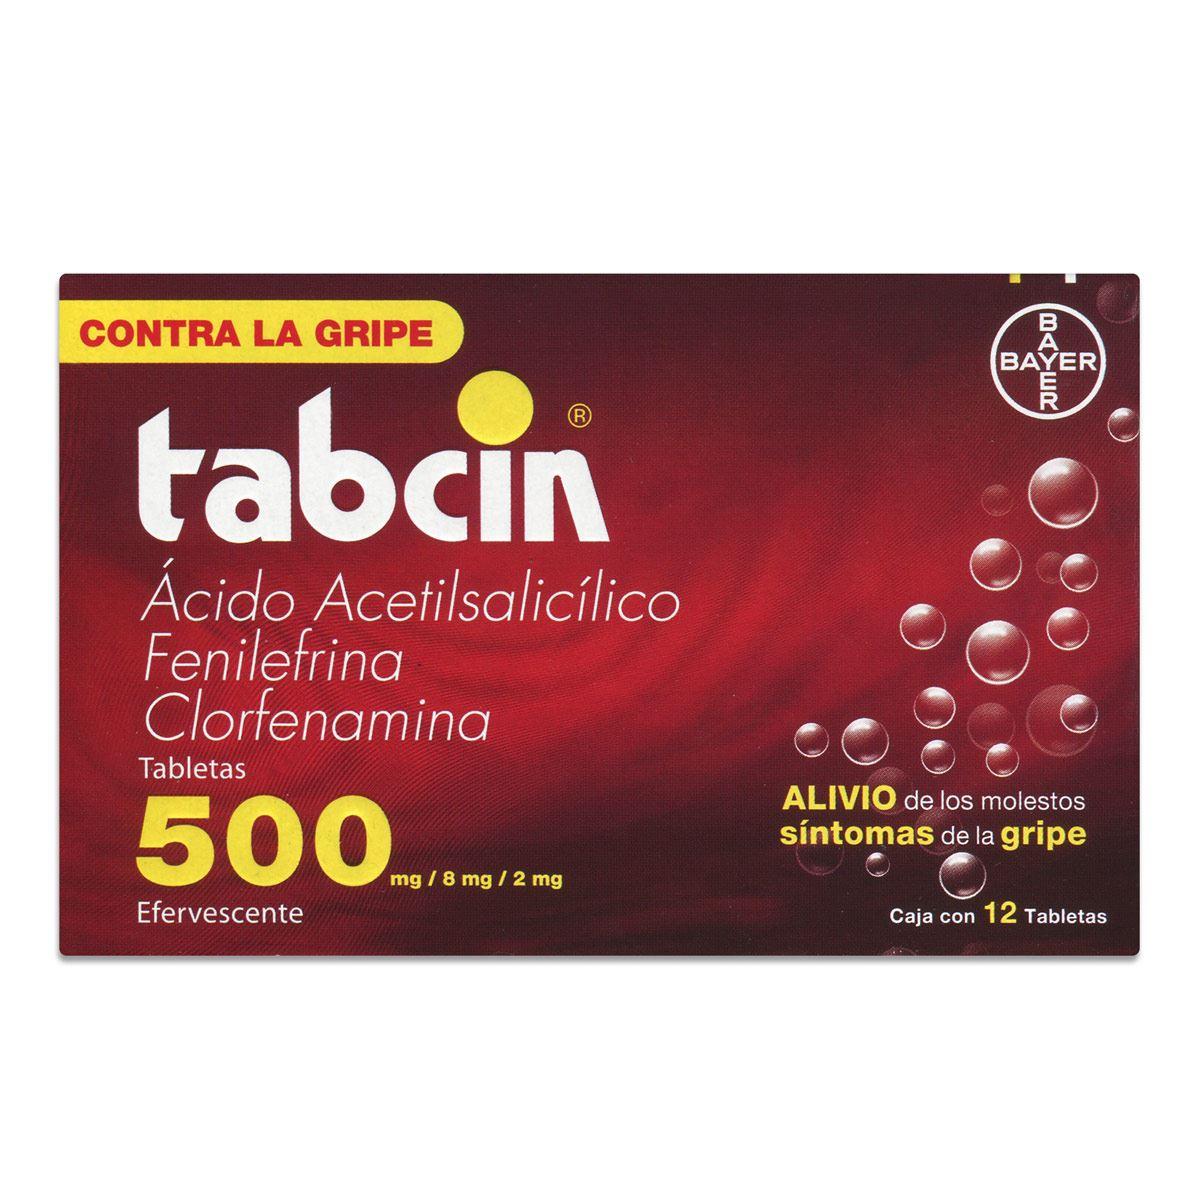 Tabcin tabletas efervecentes 12 tabletas  - Sanborns